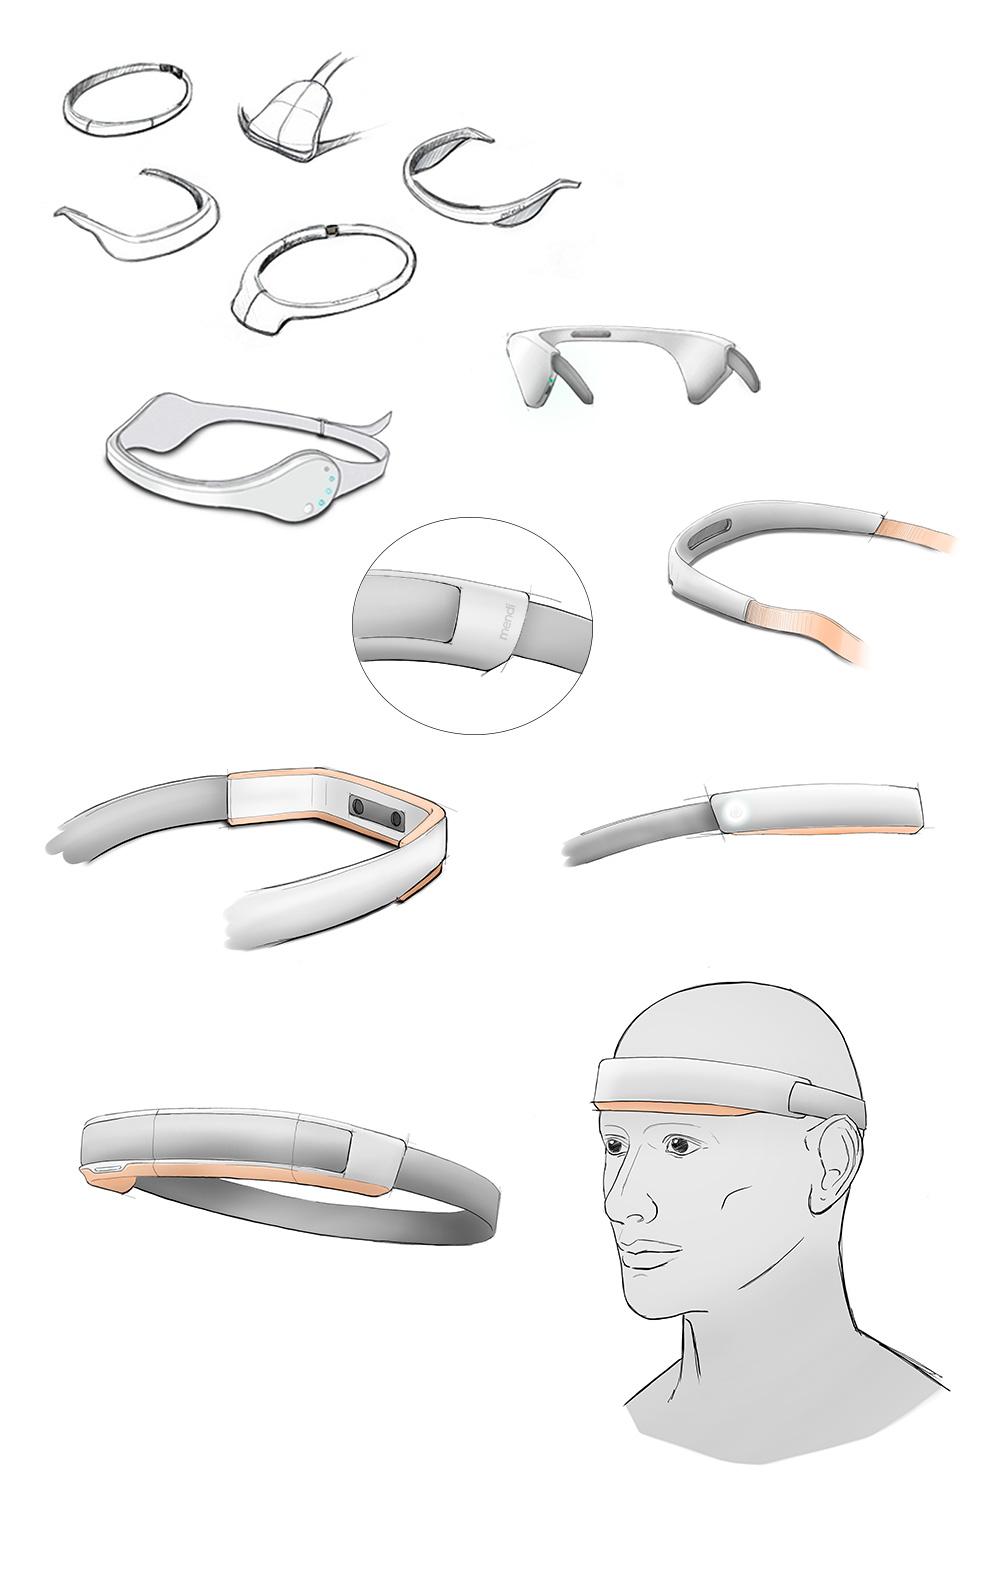 Mendi design process concepts